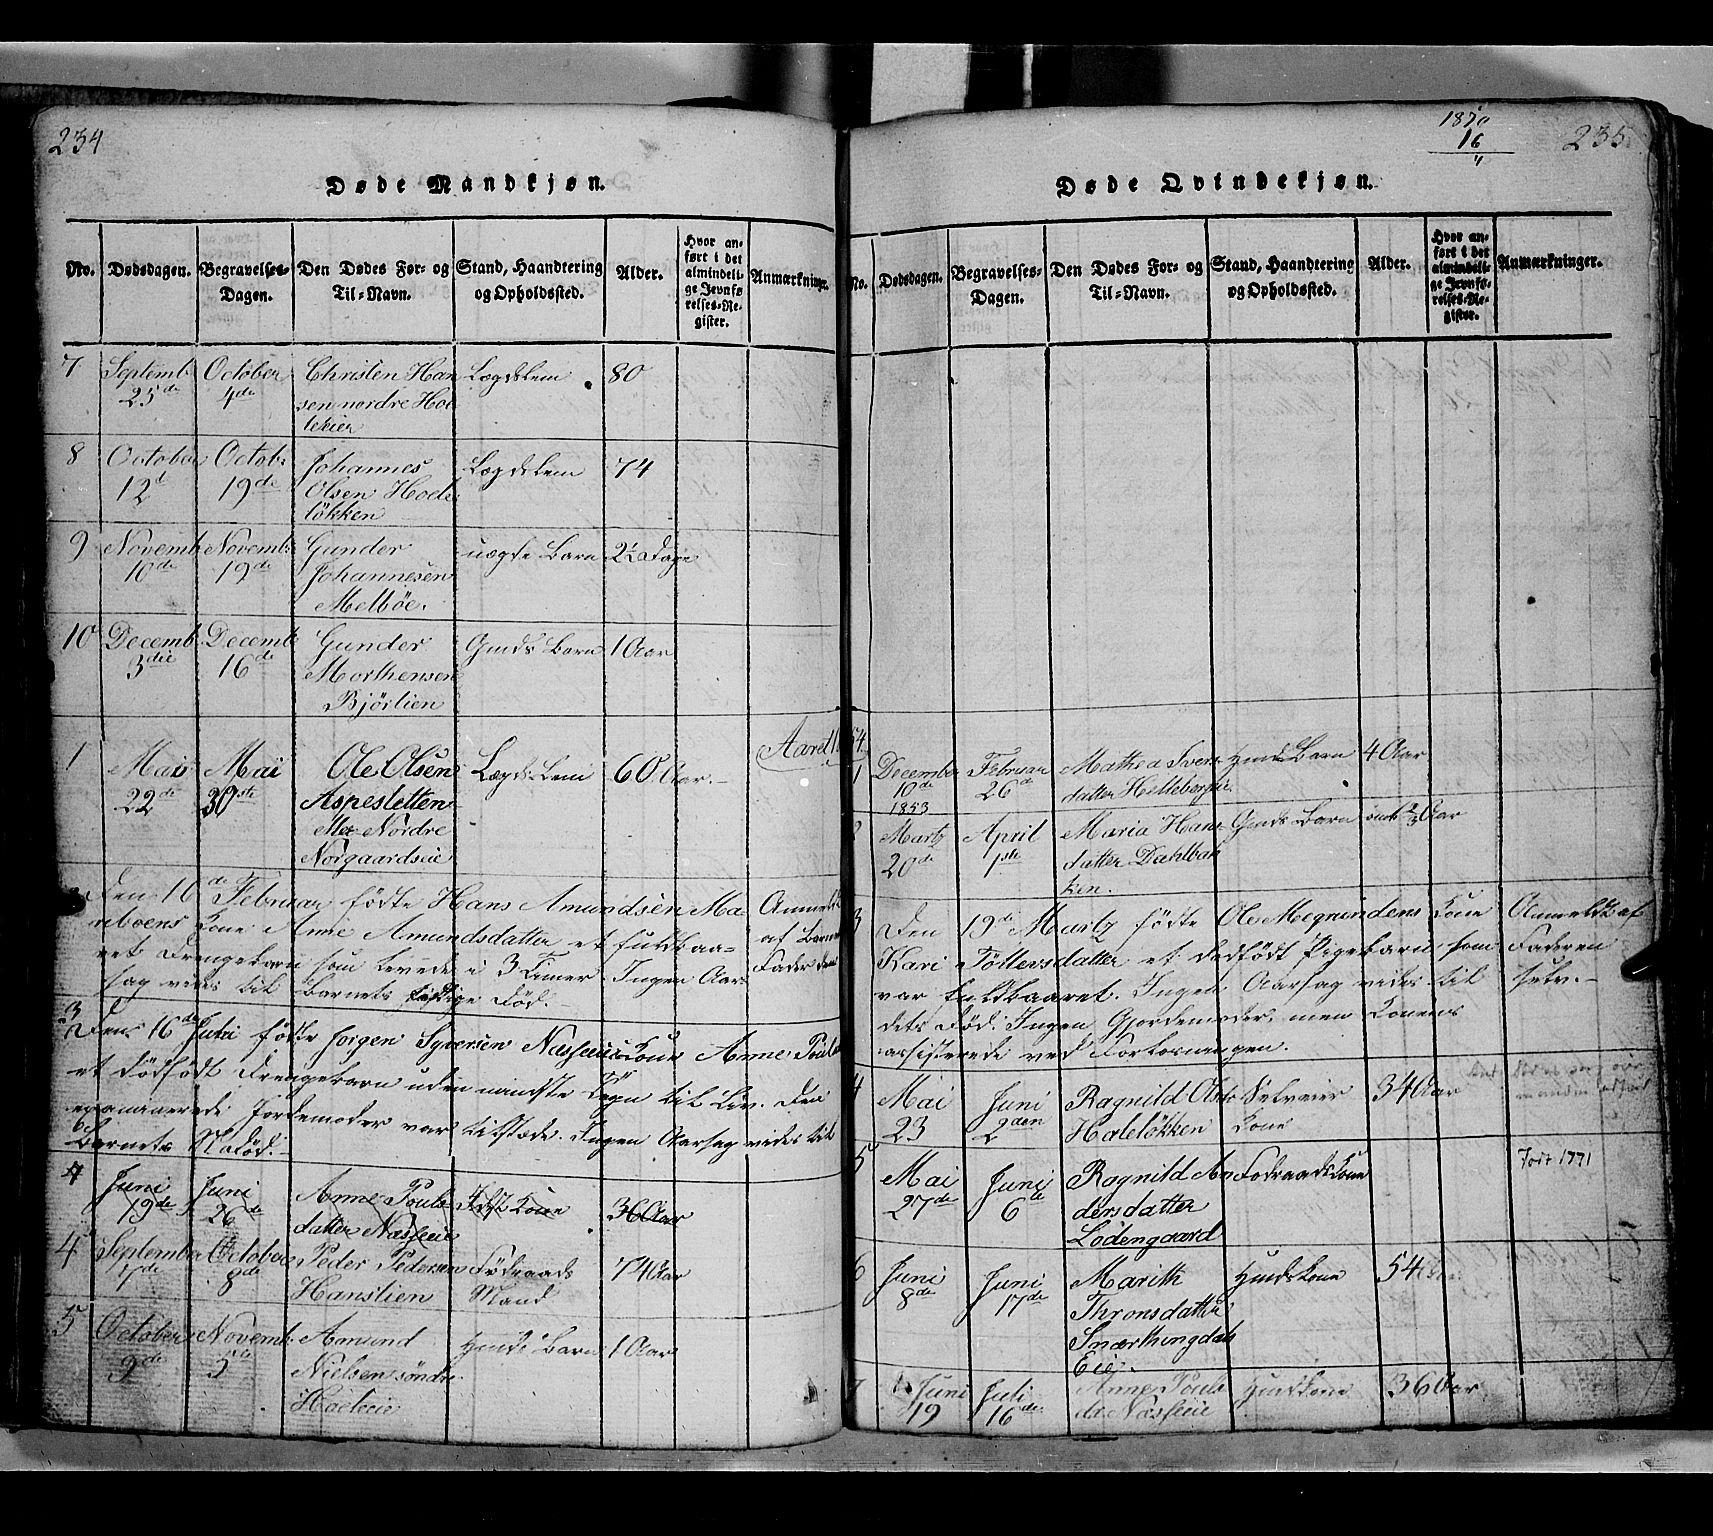 SAH, Gausdal prestekontor, Klokkerbok nr. 2, 1818-1874, s. 234-235